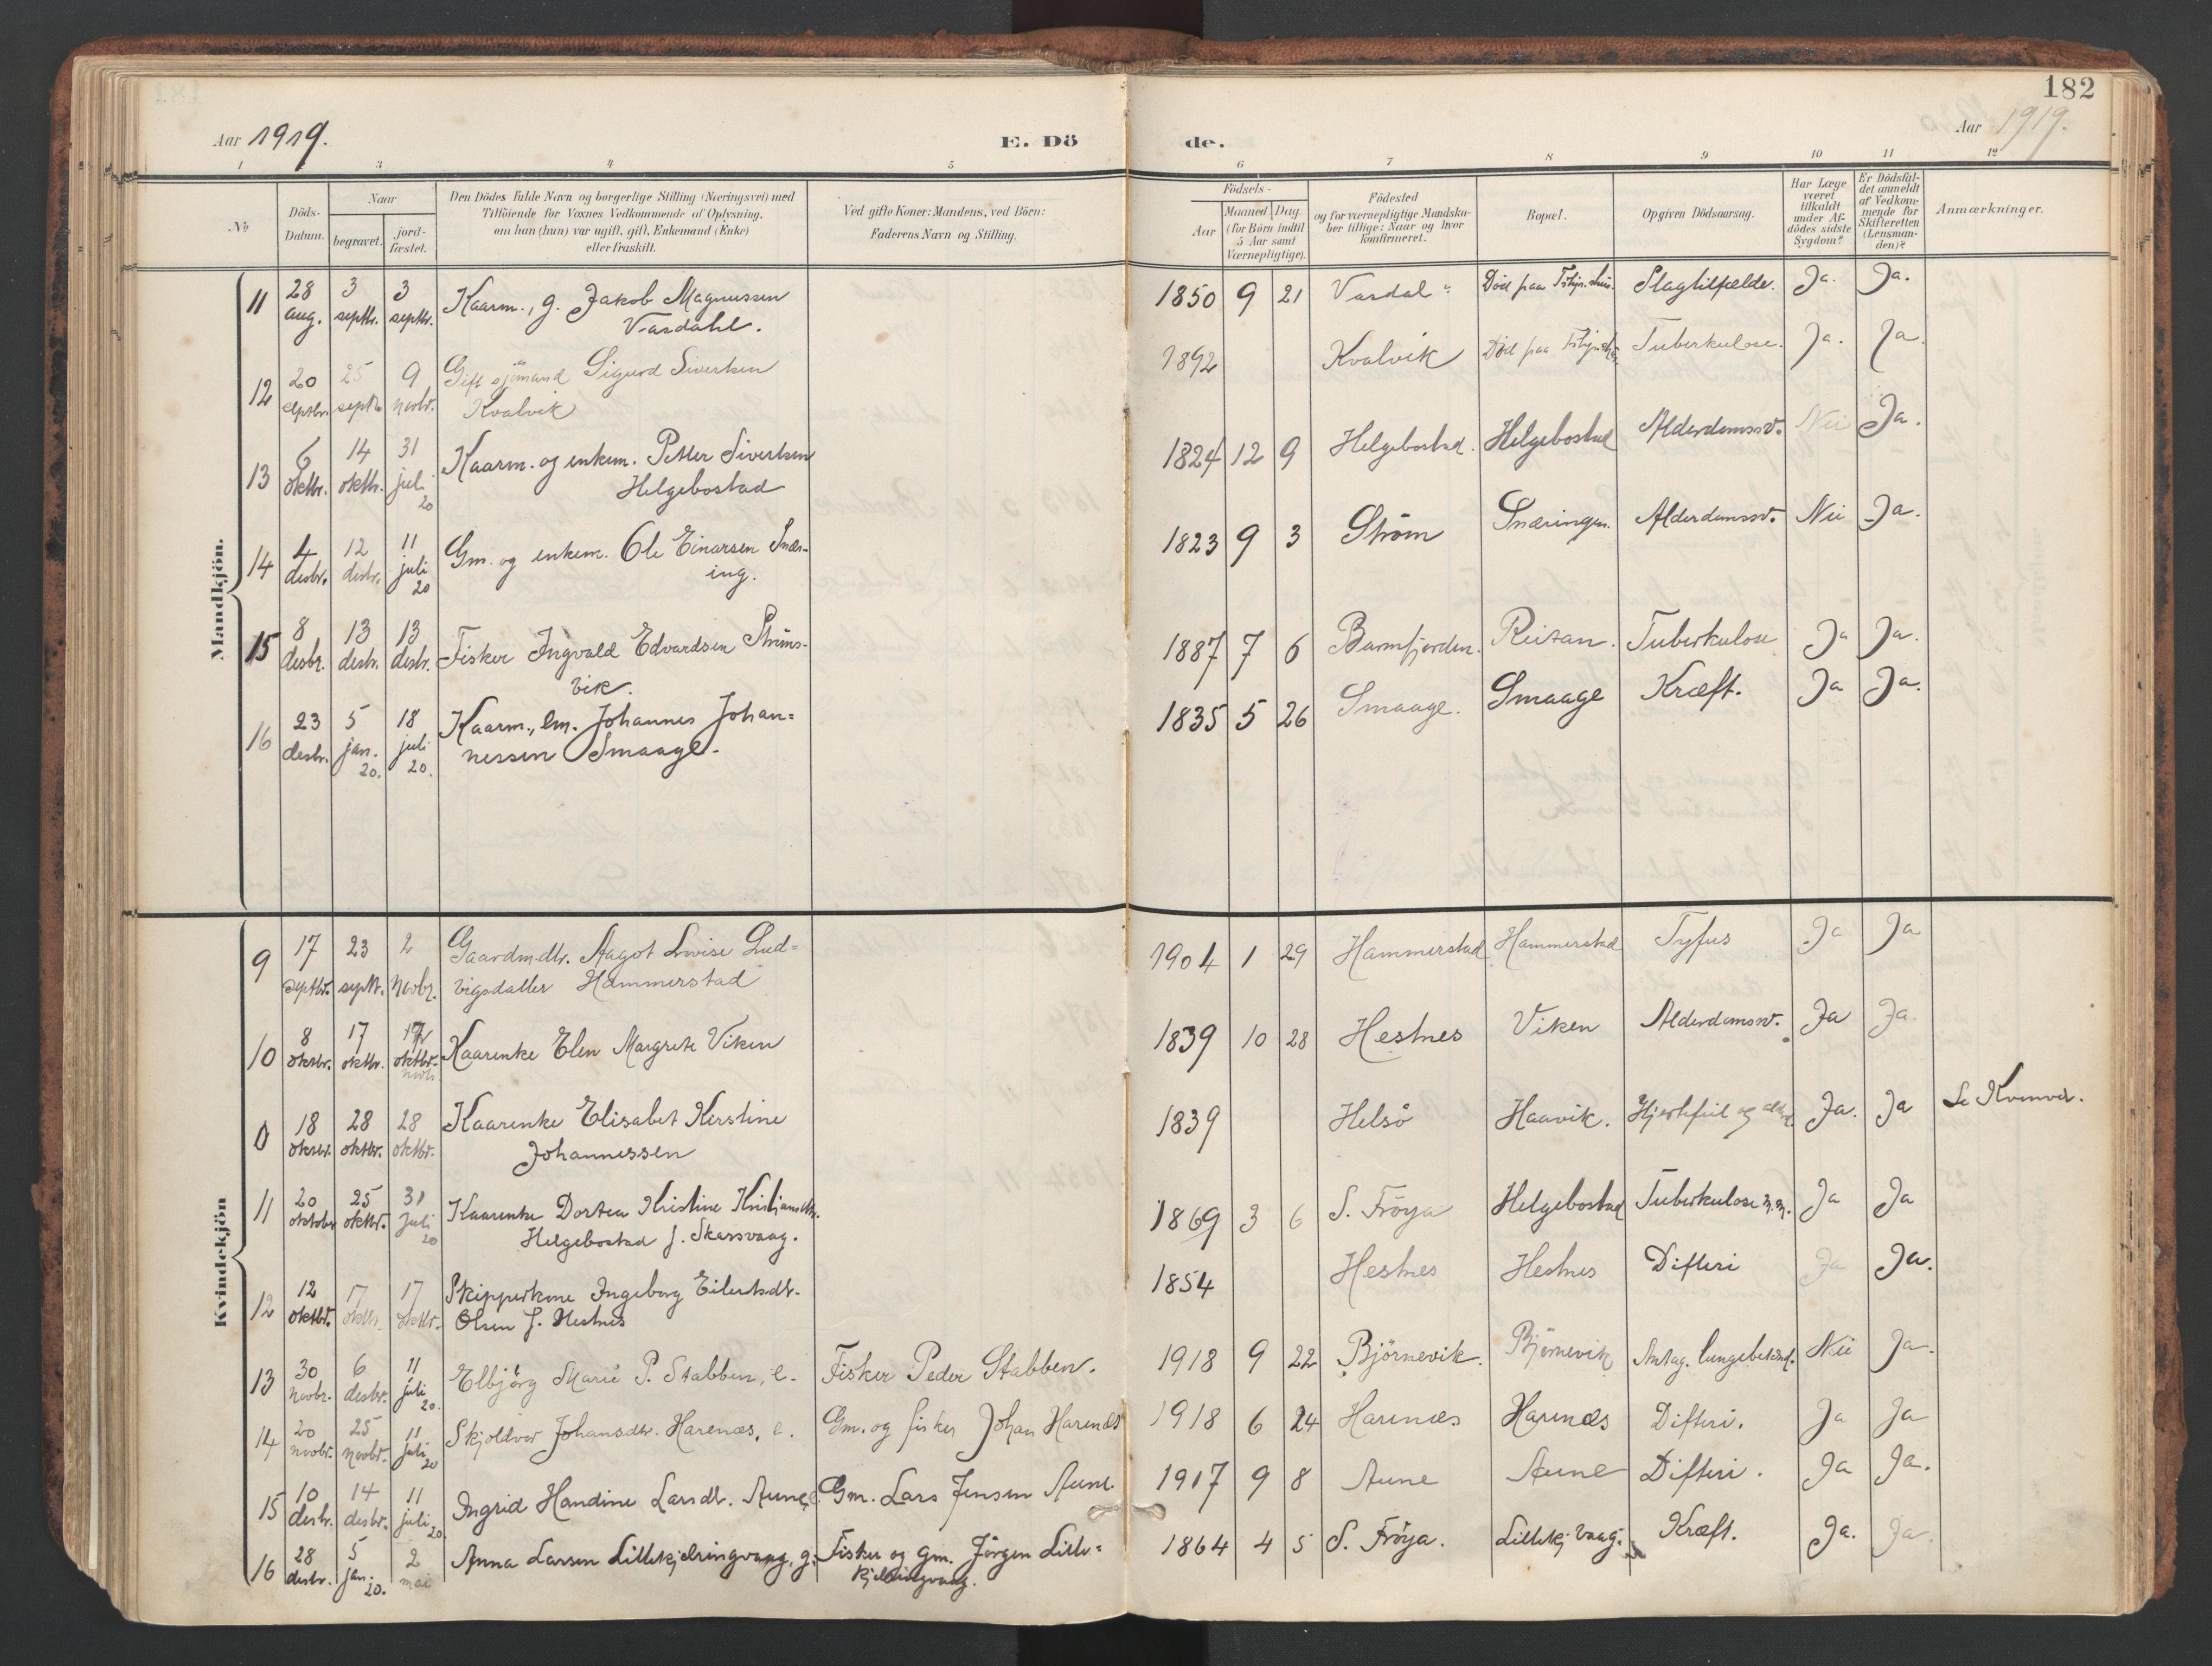 SAT, Ministerialprotokoller, klokkerbøker og fødselsregistre - Sør-Trøndelag, 634/L0537: Ministerialbok nr. 634A13, 1896-1922, s. 182